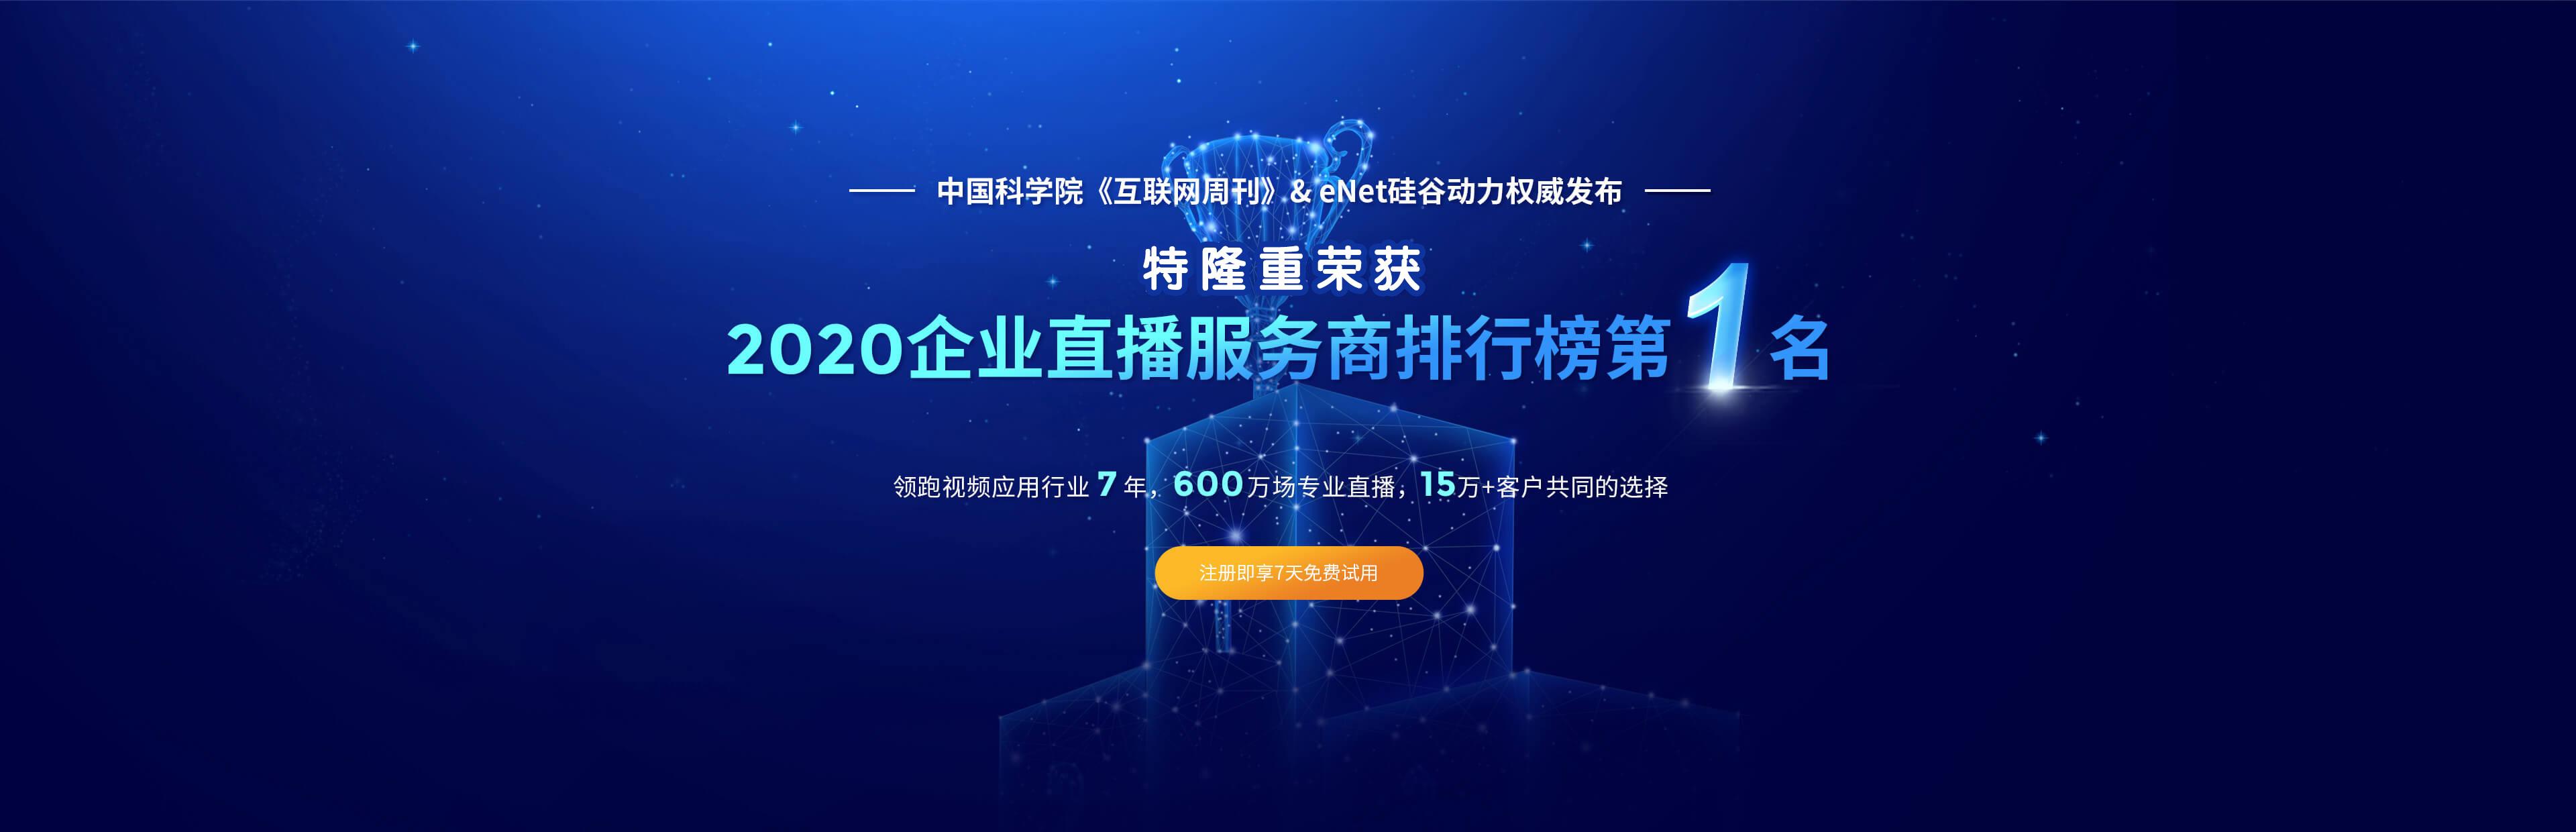 睿虎网站制作荣获2020企业直播服务商排行榜第一名